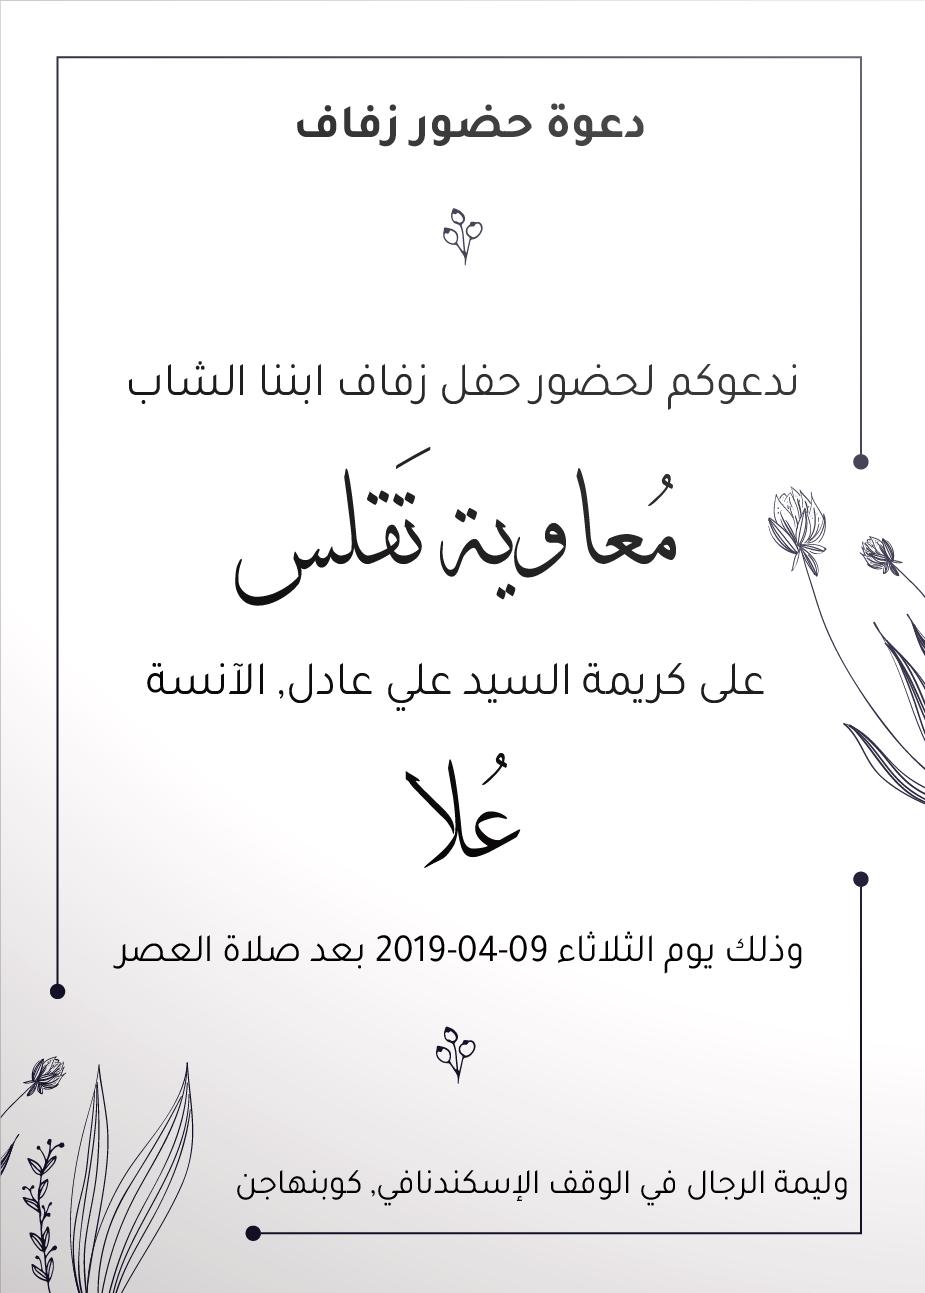 دعوة فرح Graphic Design Posters Wedding Invitations Arabic Quotes